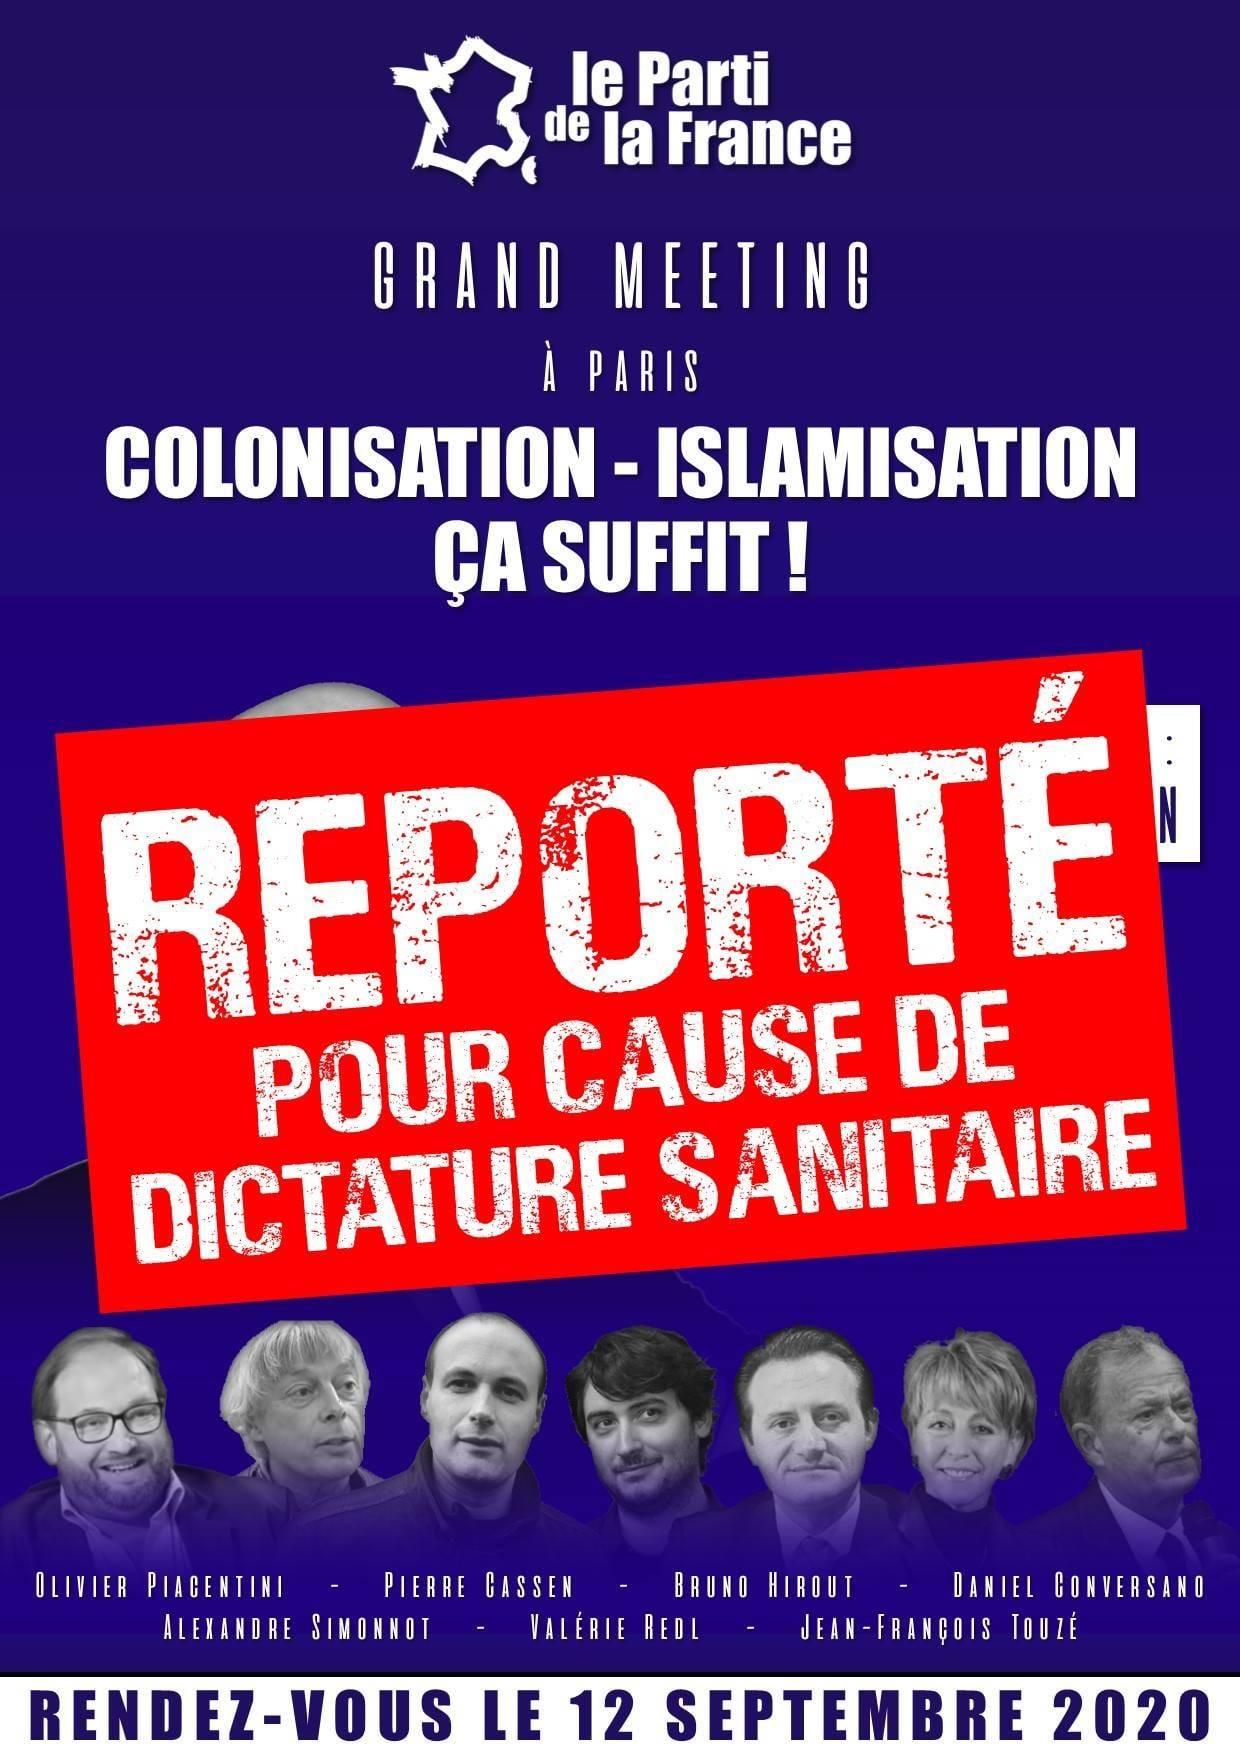 Dictature sanitaire : le meeting du Parti de la France annulé !